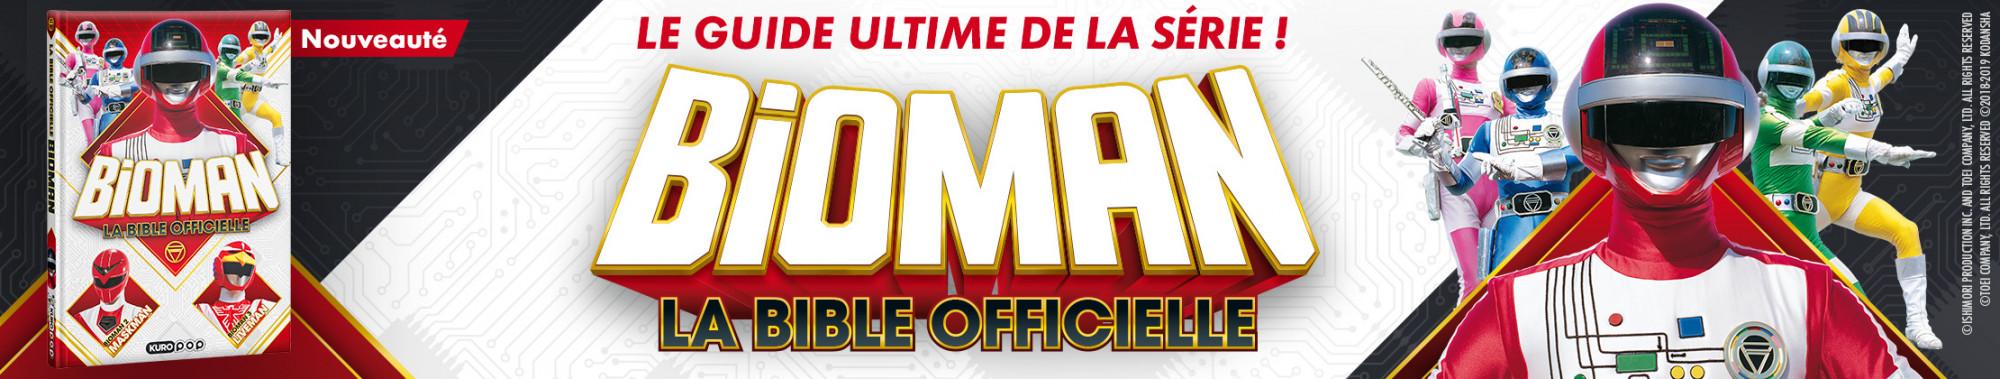 Bannière - KUROKAWA - Bioman, la bible officielle